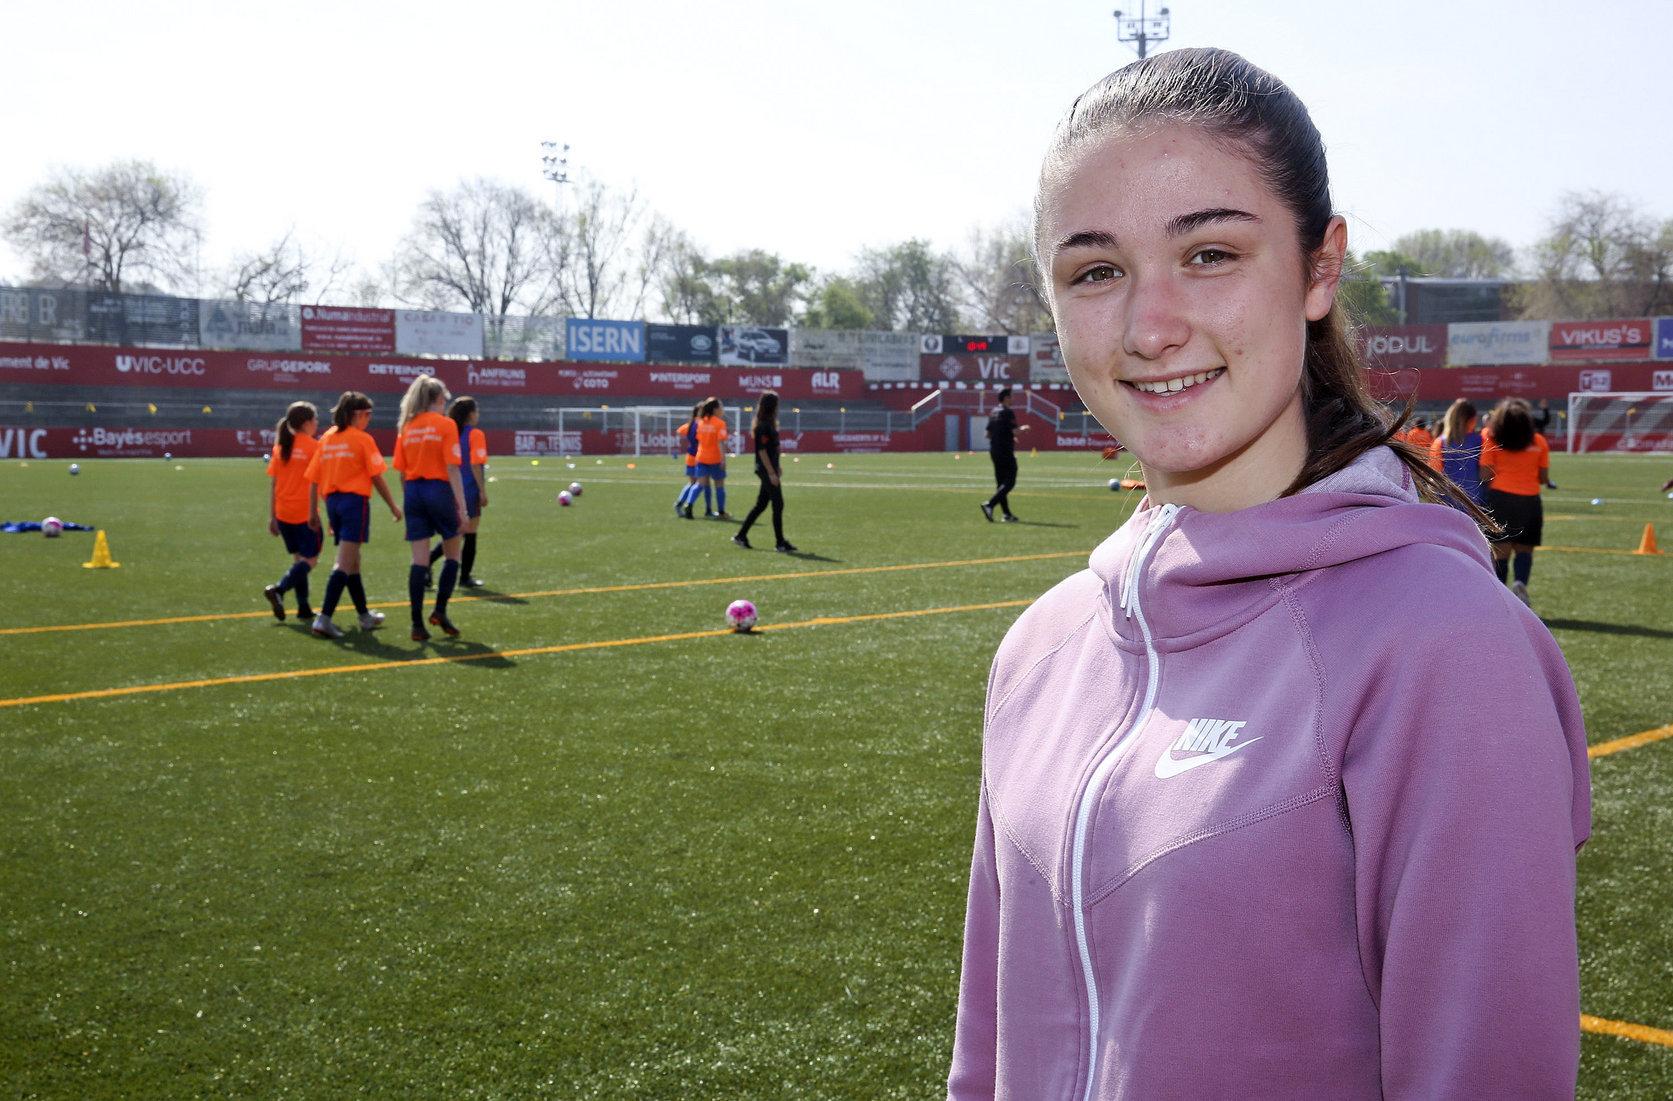 El Futur Del Futbol Femeni El9nou Cat